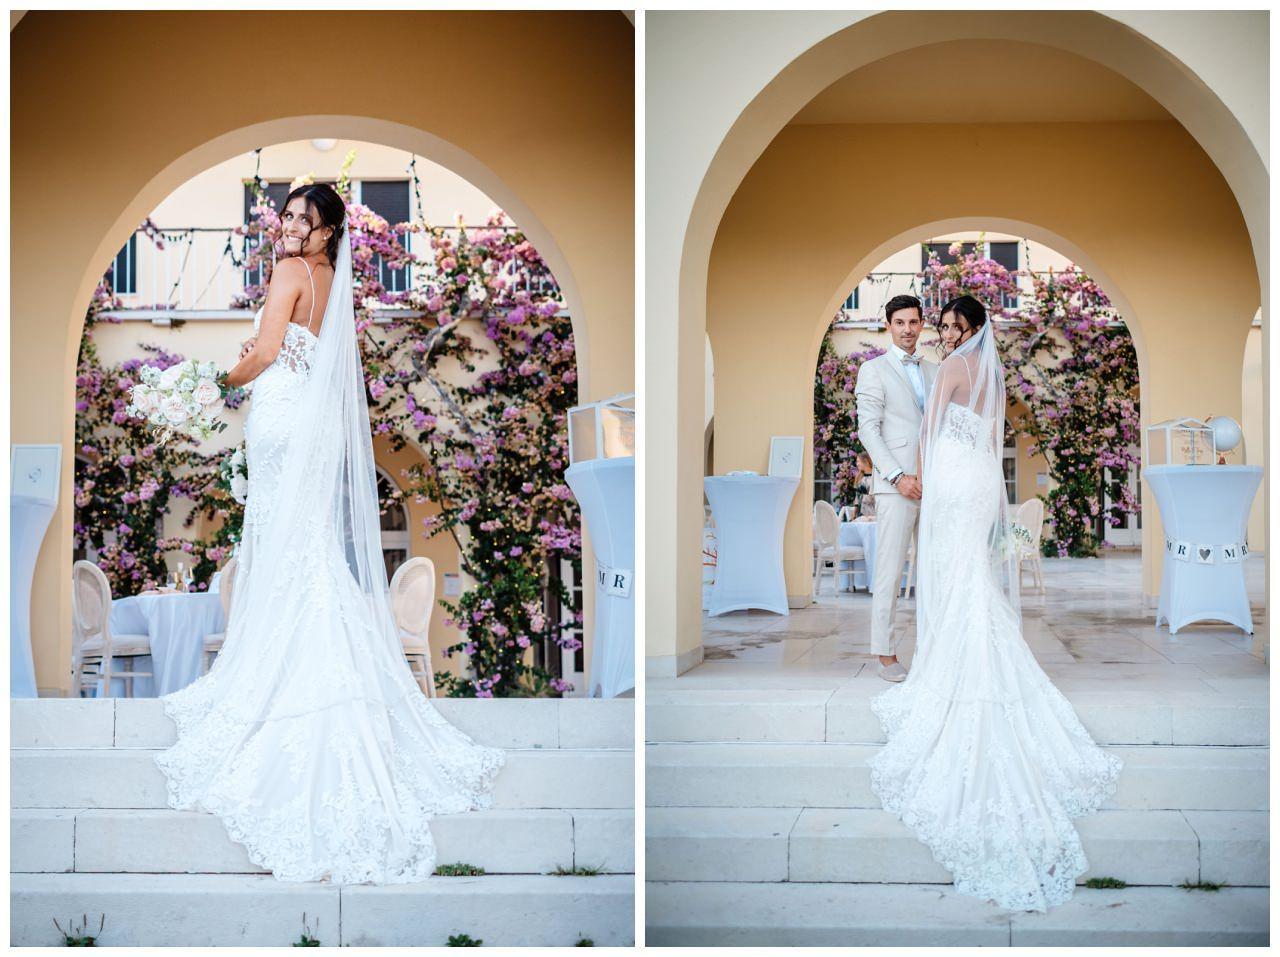 Hochzeit kroatien heiraten split ausland hochzeitsfotograf 53 - Freie Trauung in Kroatien